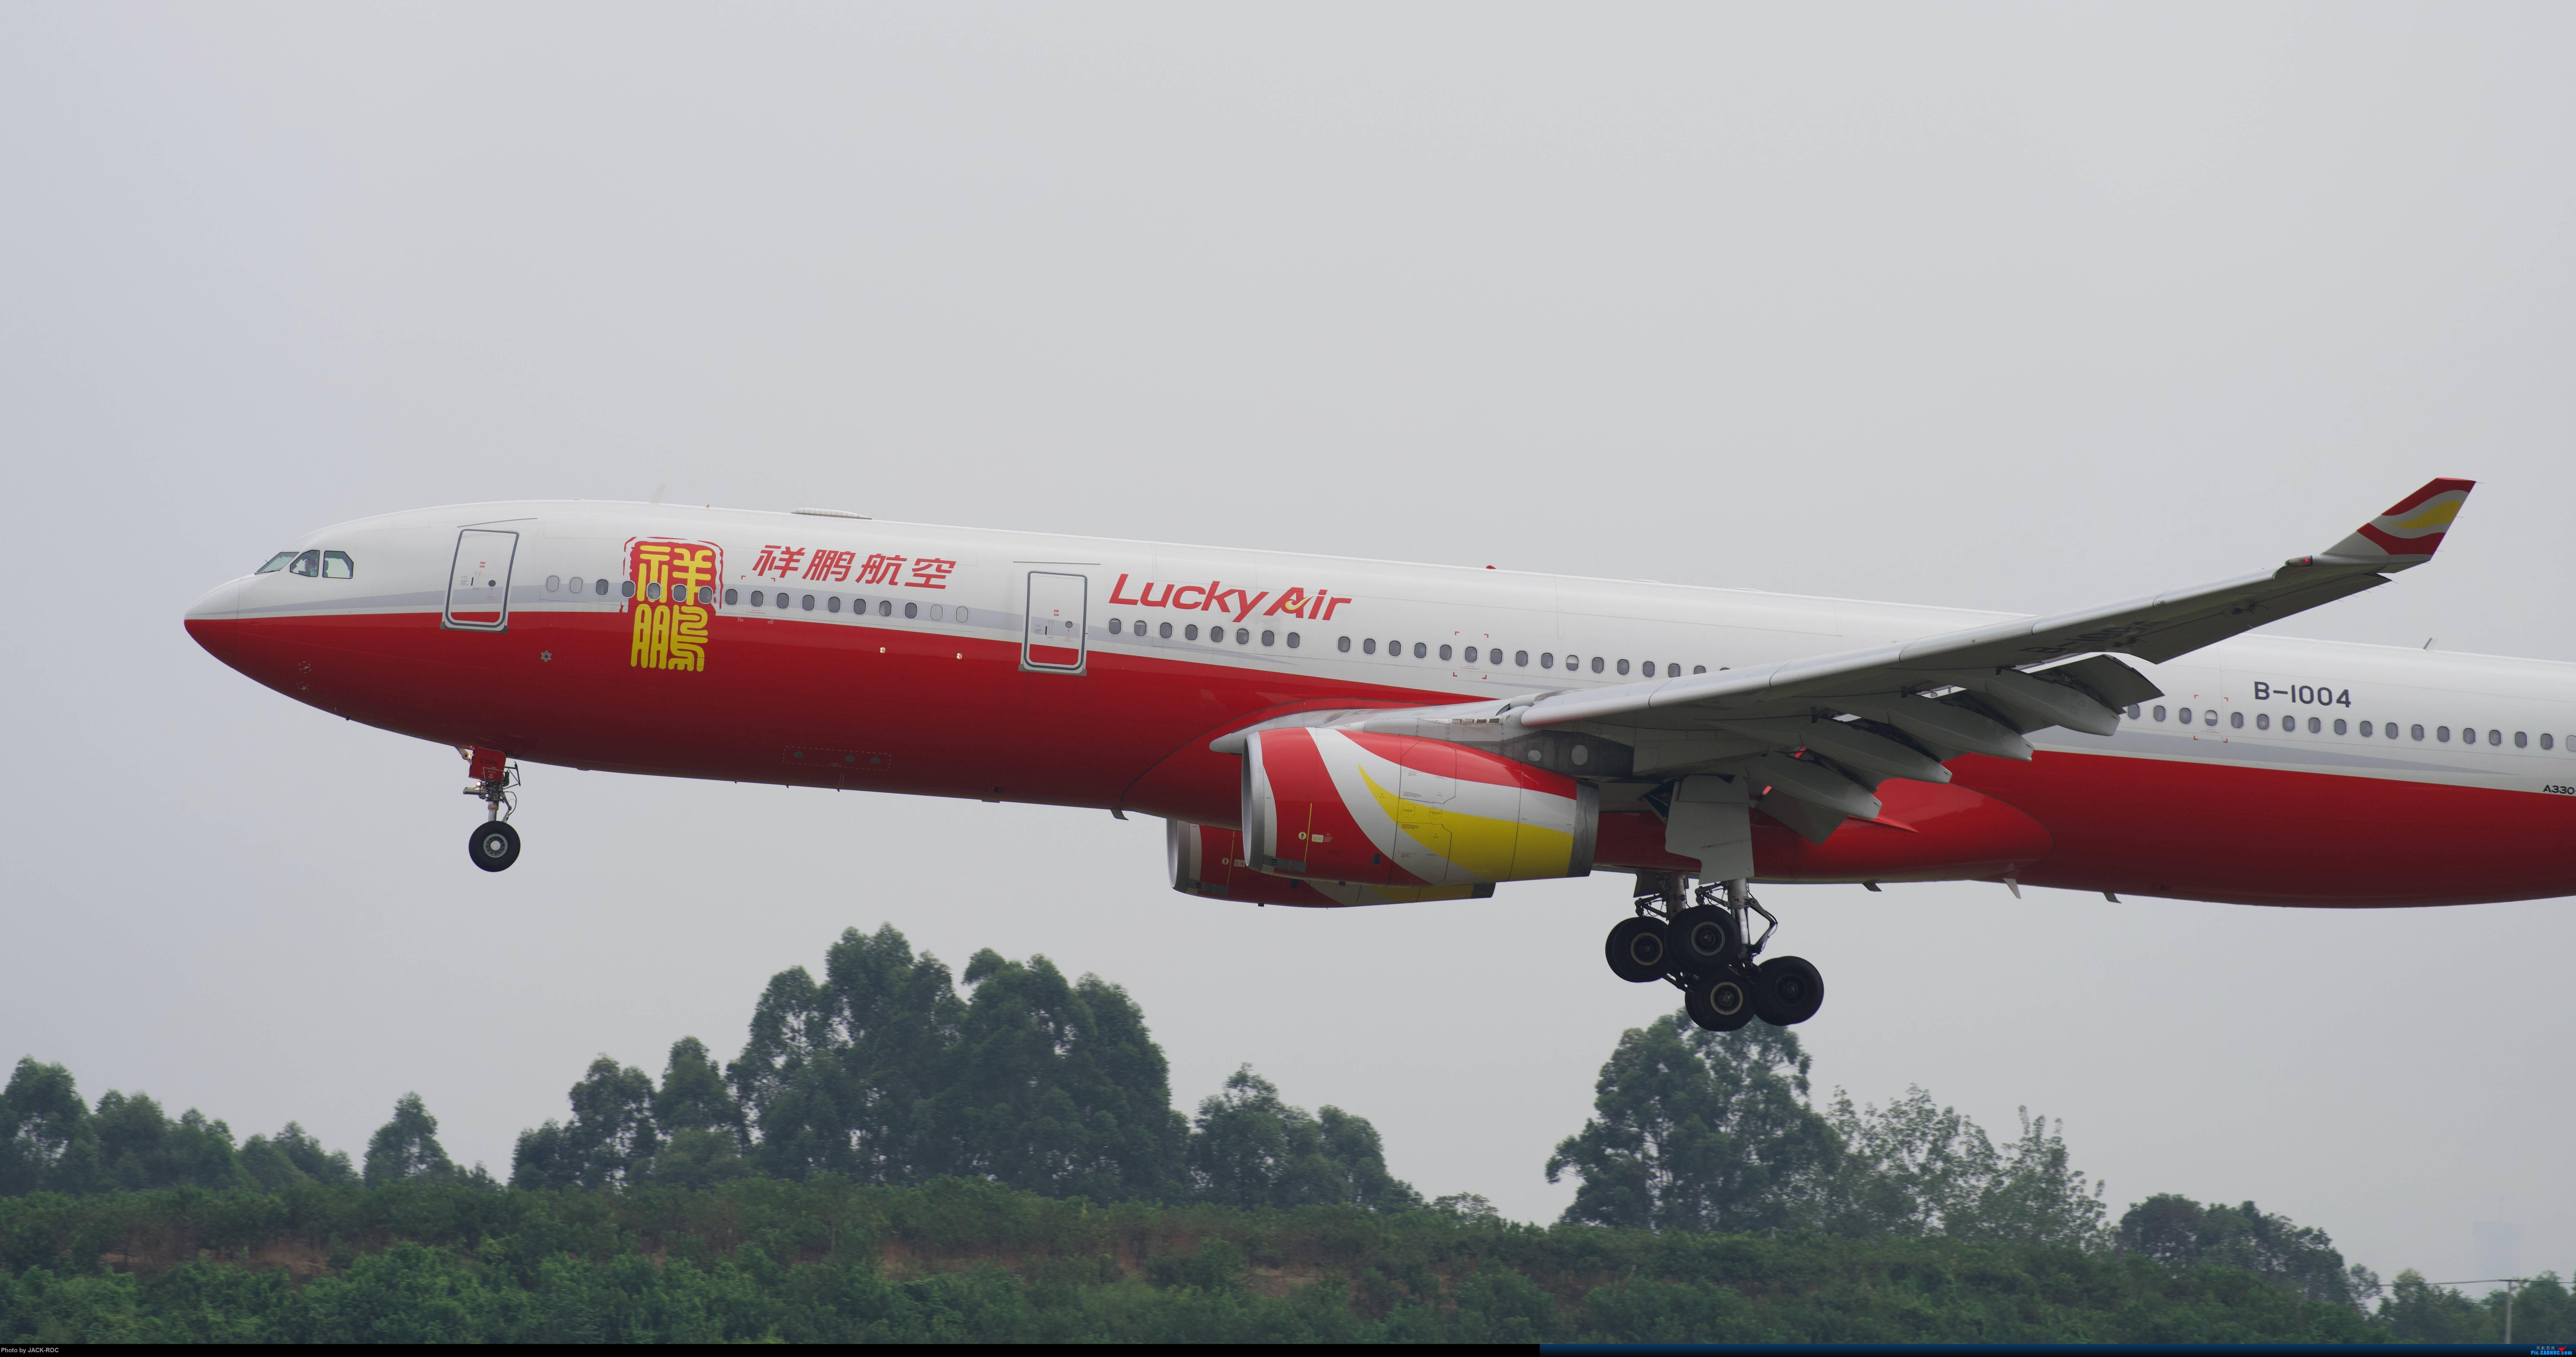 [原创]CTU 9月14日 今天运气好,逮到了几个宝贝 AIRBUS A330-300 B-1004